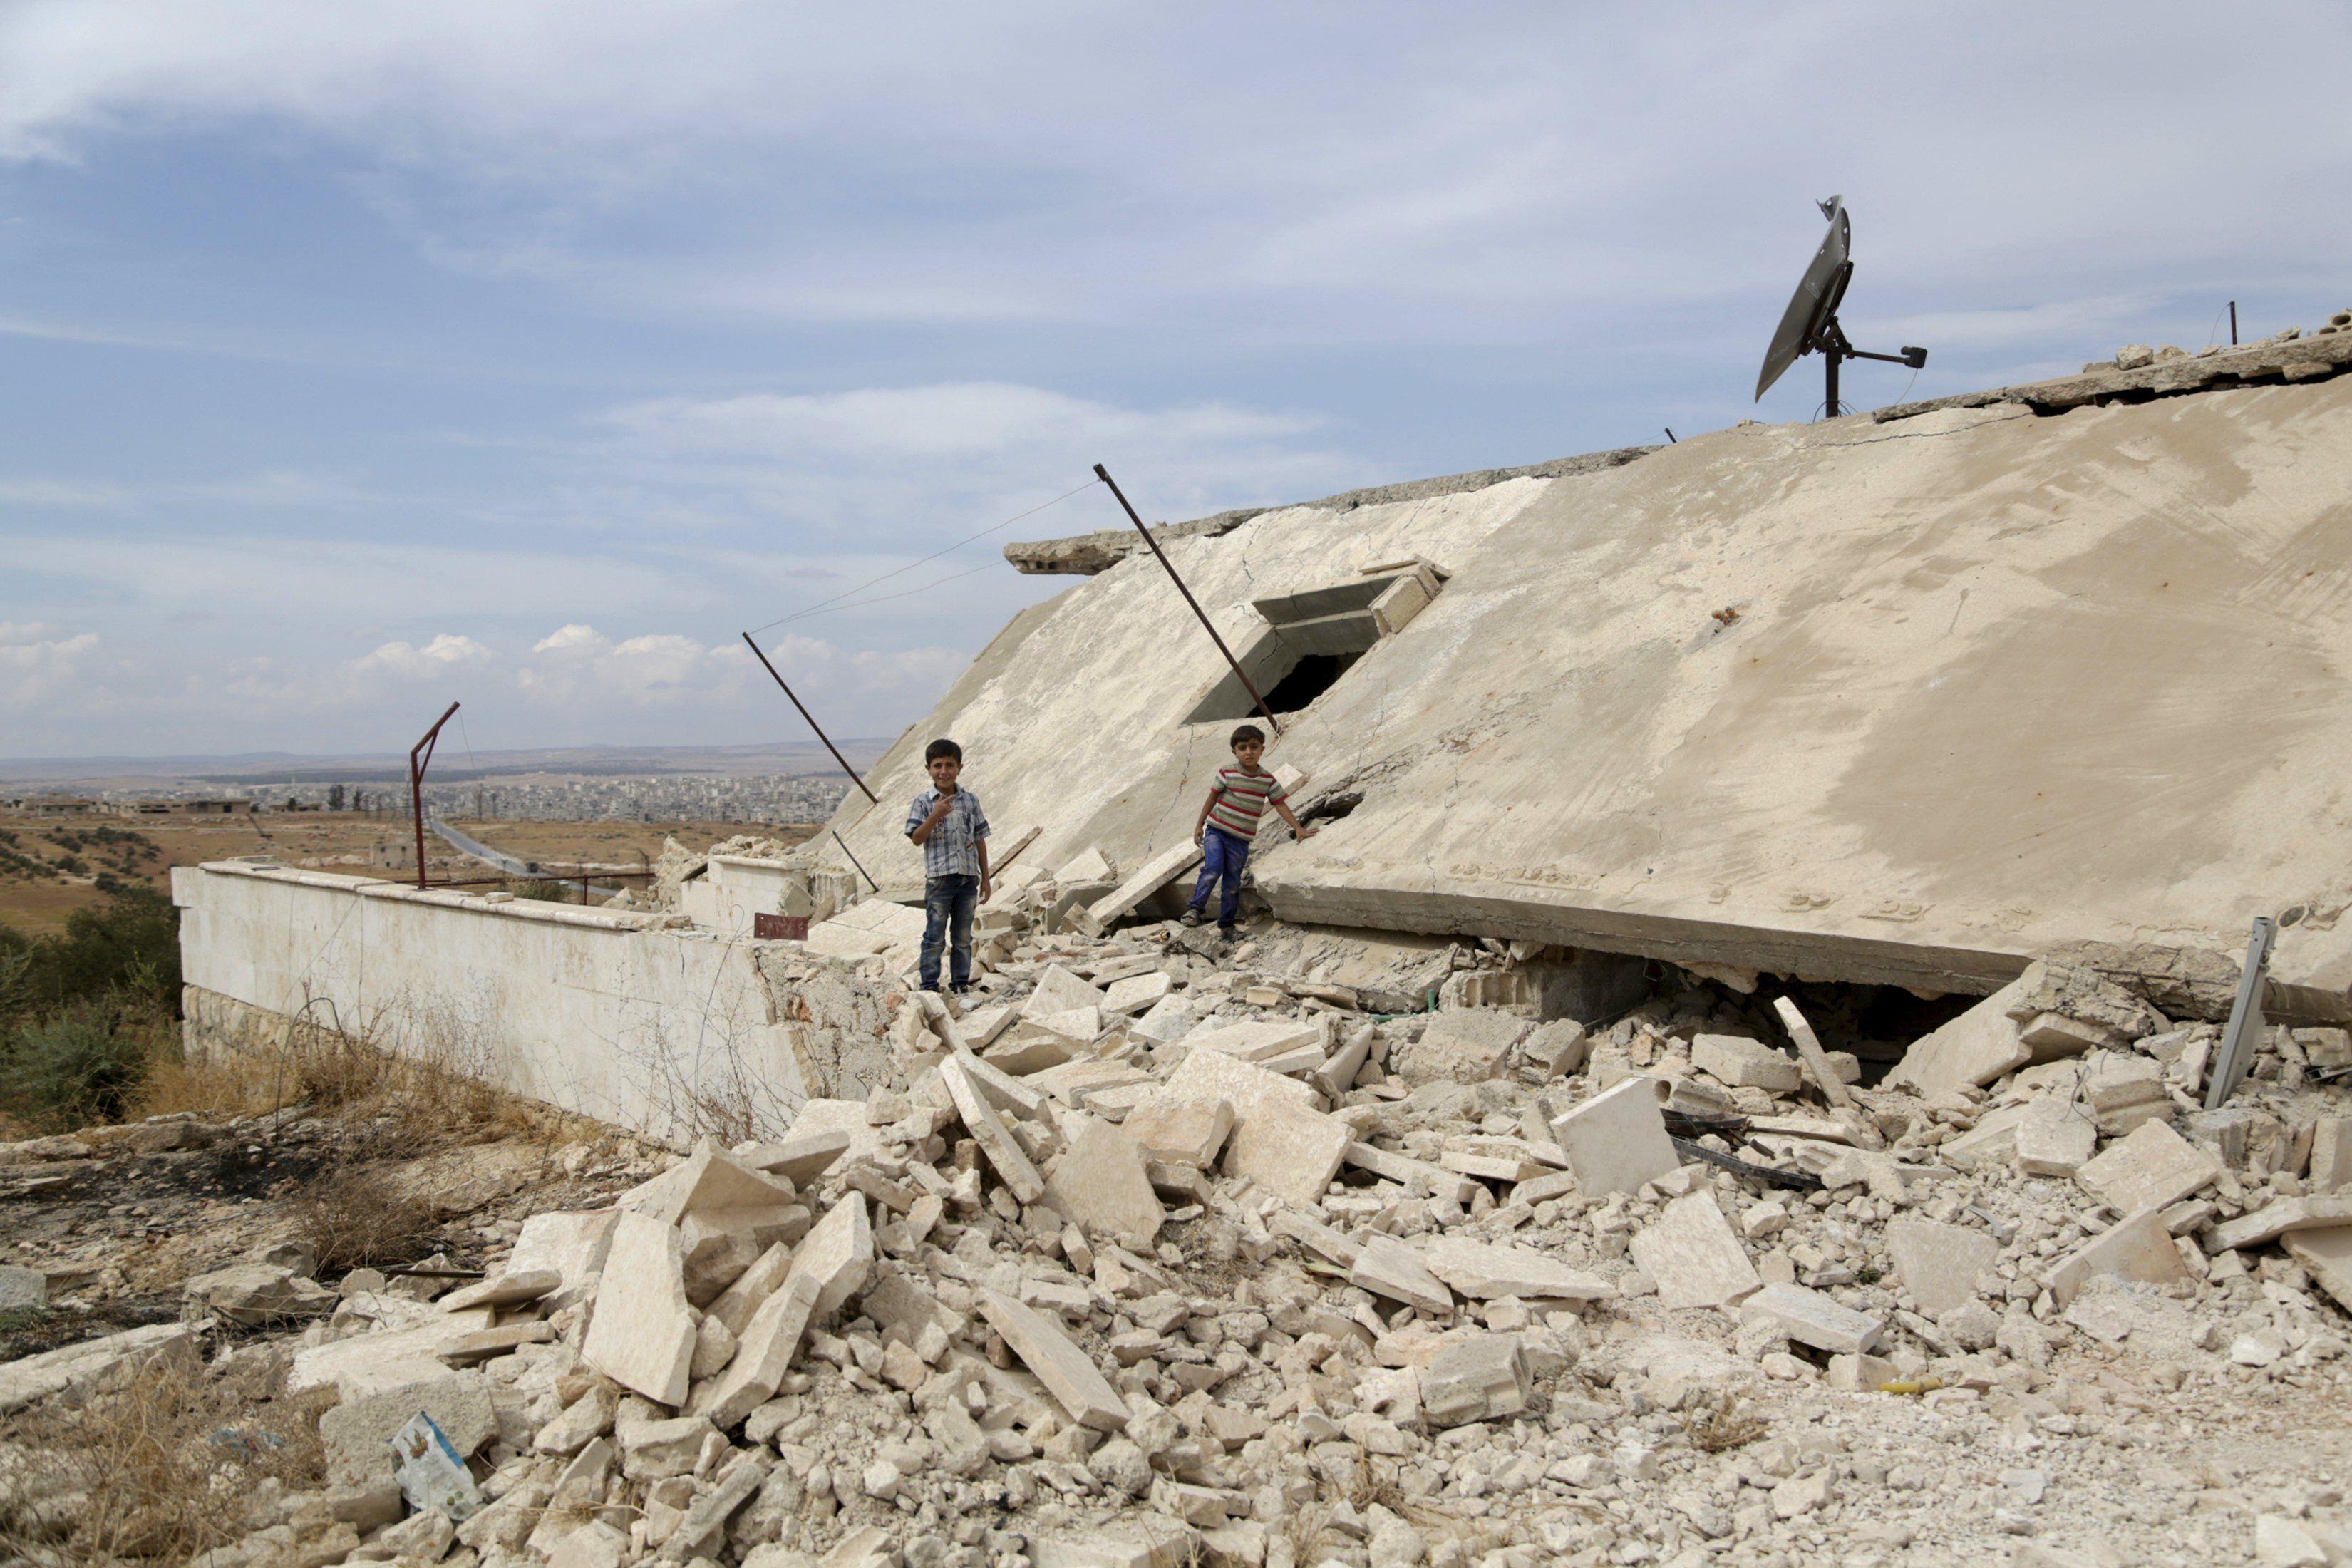 Разрушенное здание в Сирии, иллюстрация